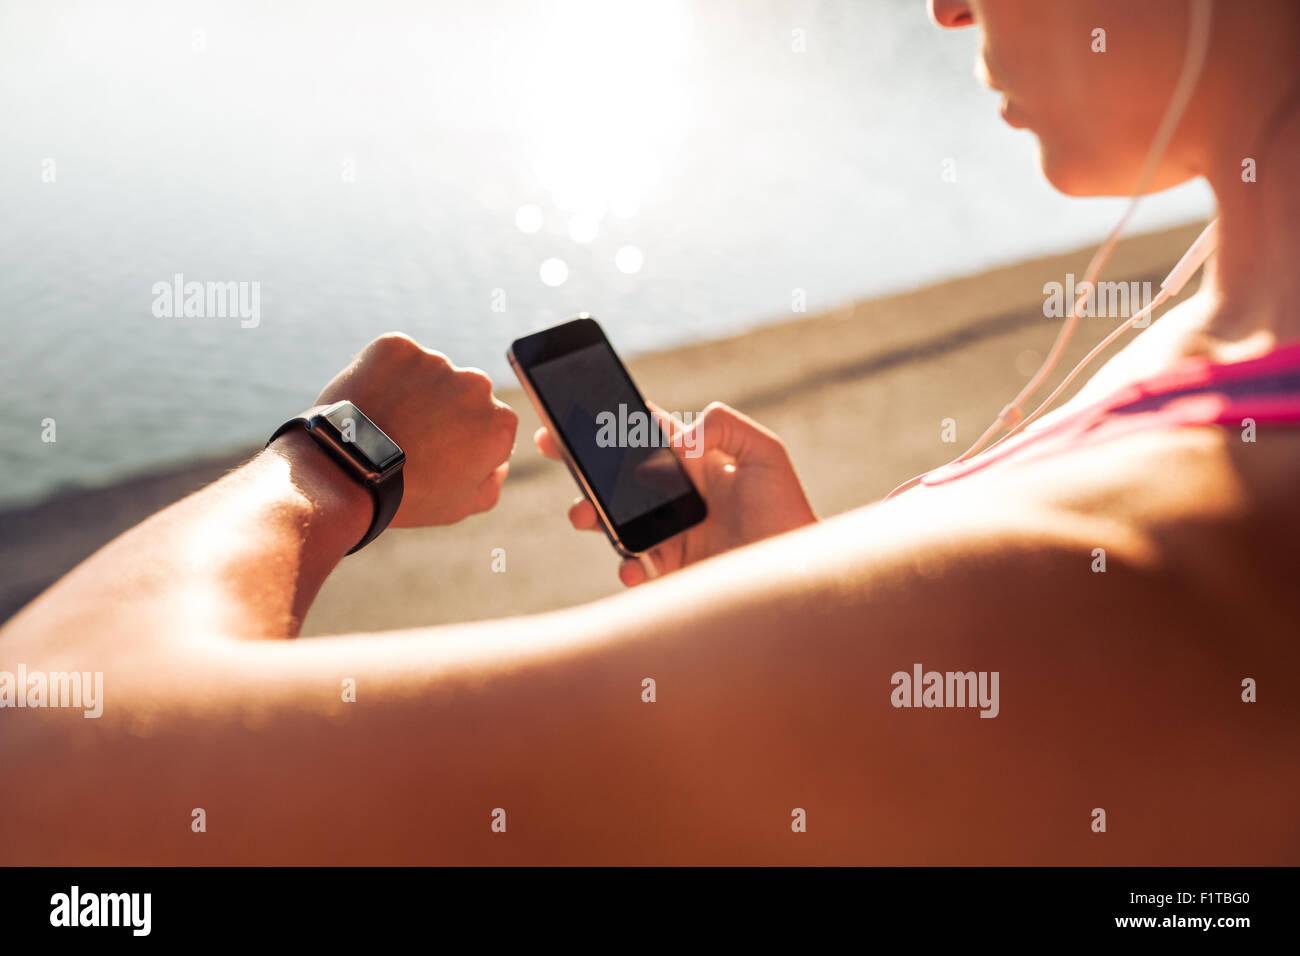 Mirando Sportswoman smartwatch y mantiene el teléfono inteligente en su otra mano, al aire libre. Hembra de Imagen De Stock